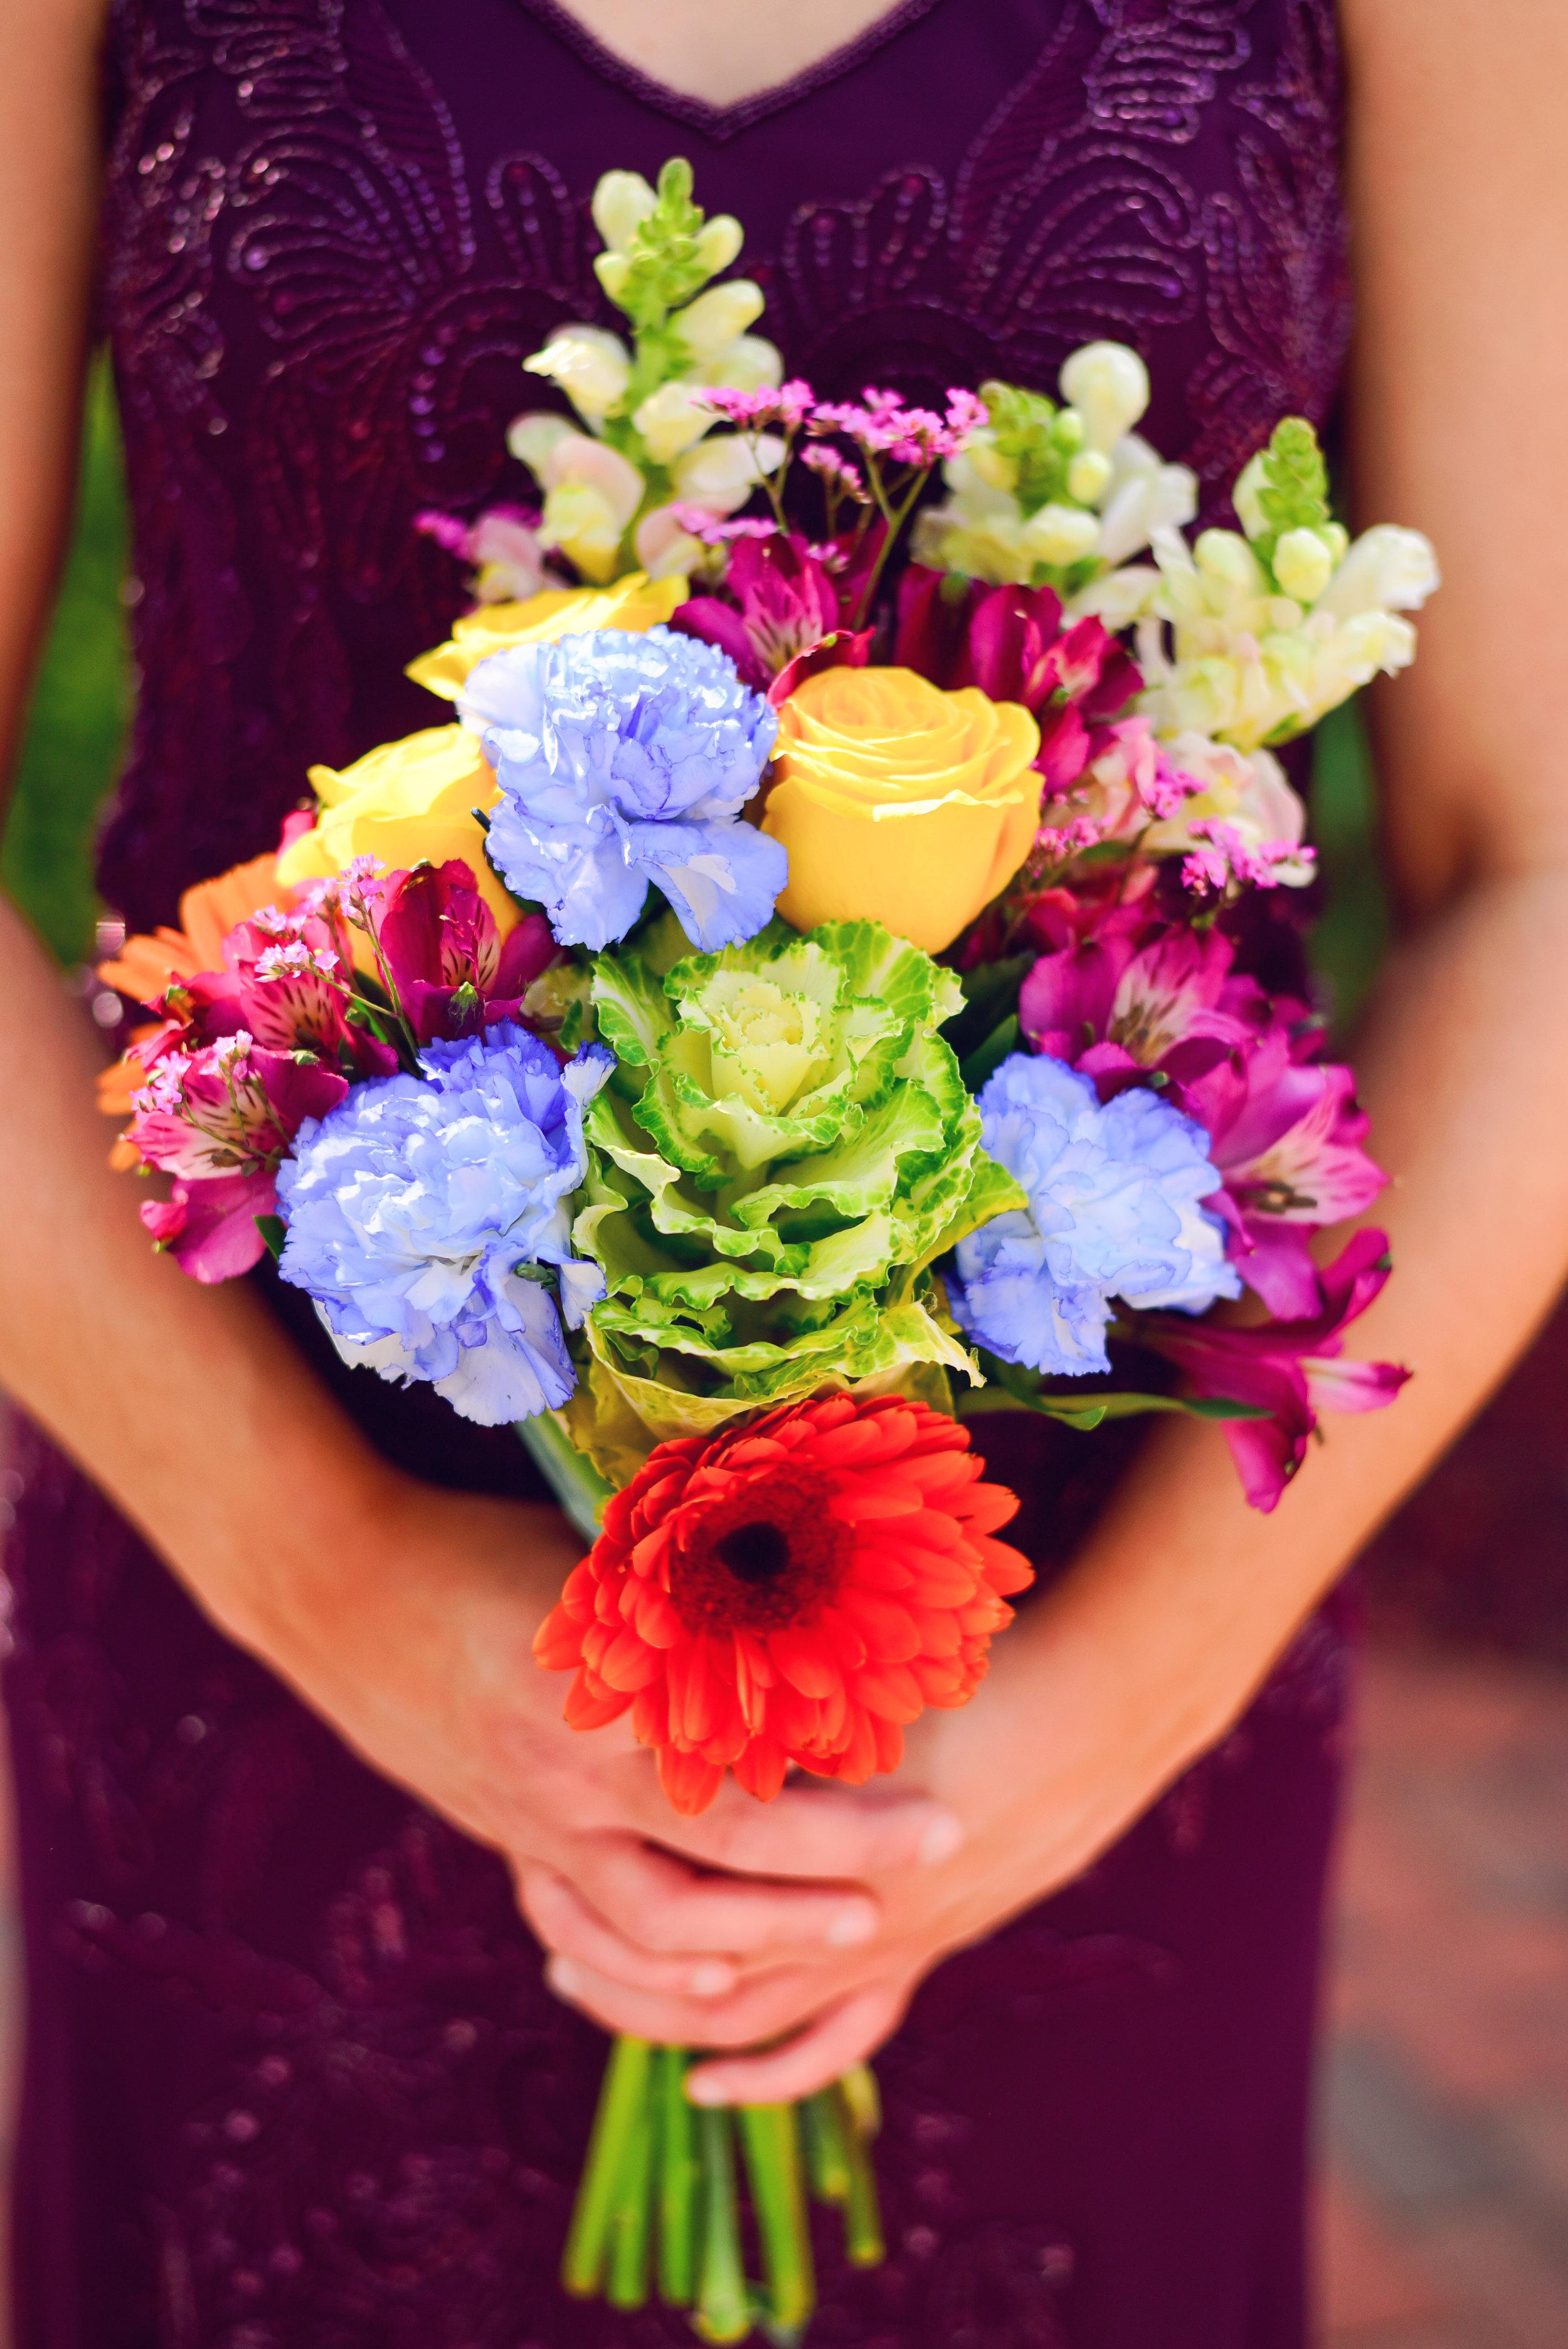 Highgrove Estate bridesmaid